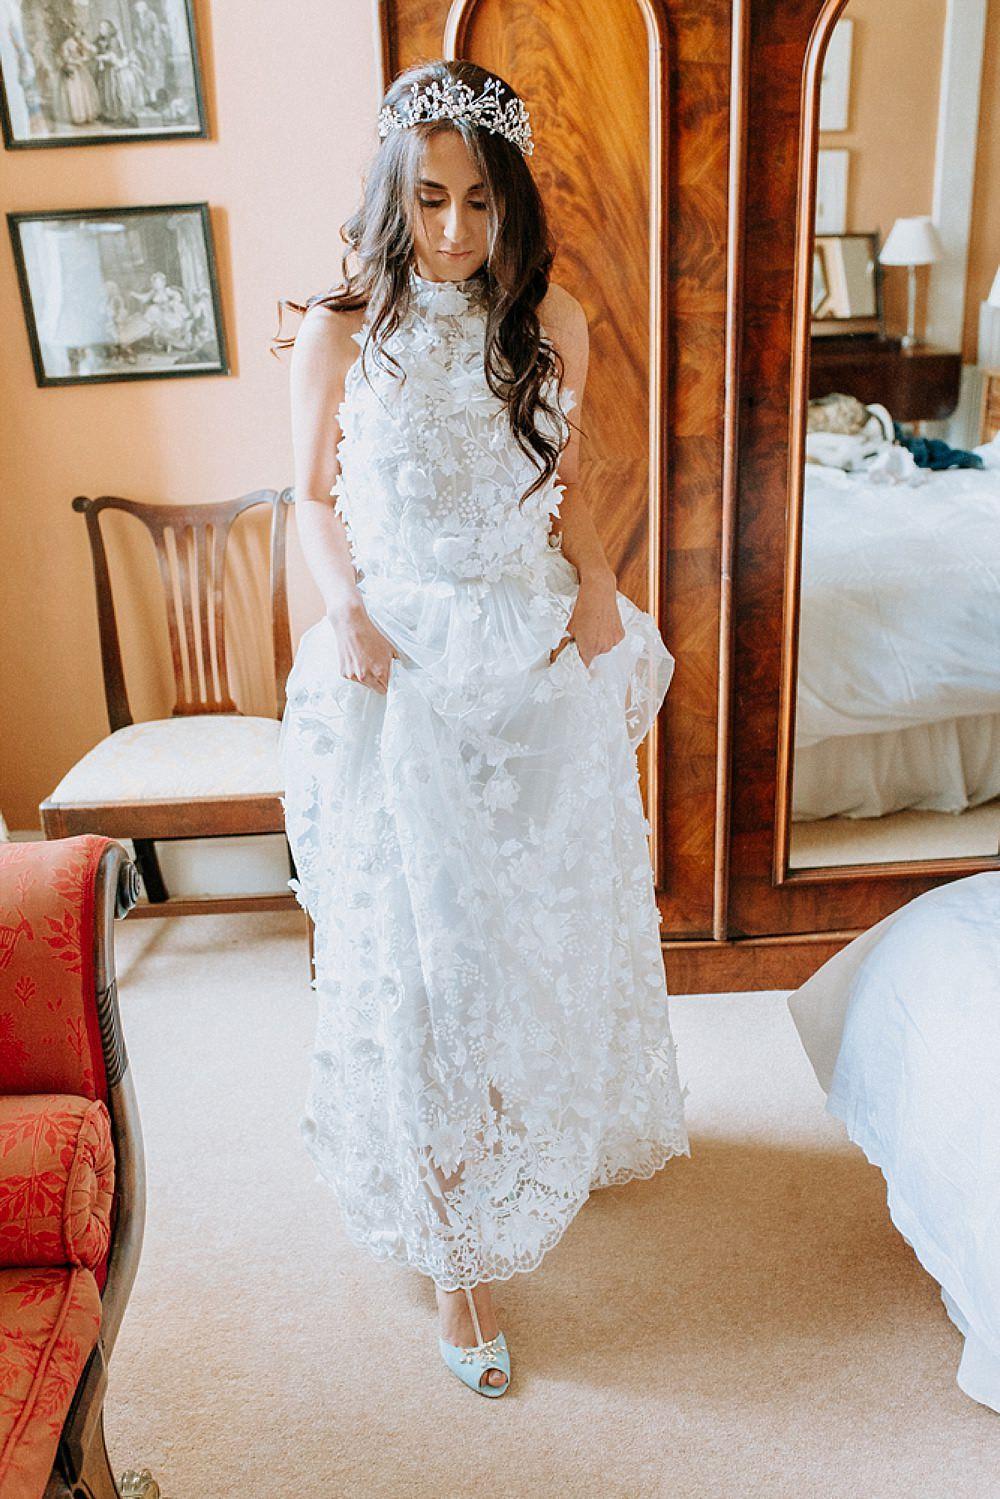 Dress Gown Bride Bridal Pronovias Flower Floral Applique Train Blue Gold Wedding Ideas Ailsa Reeve Photography